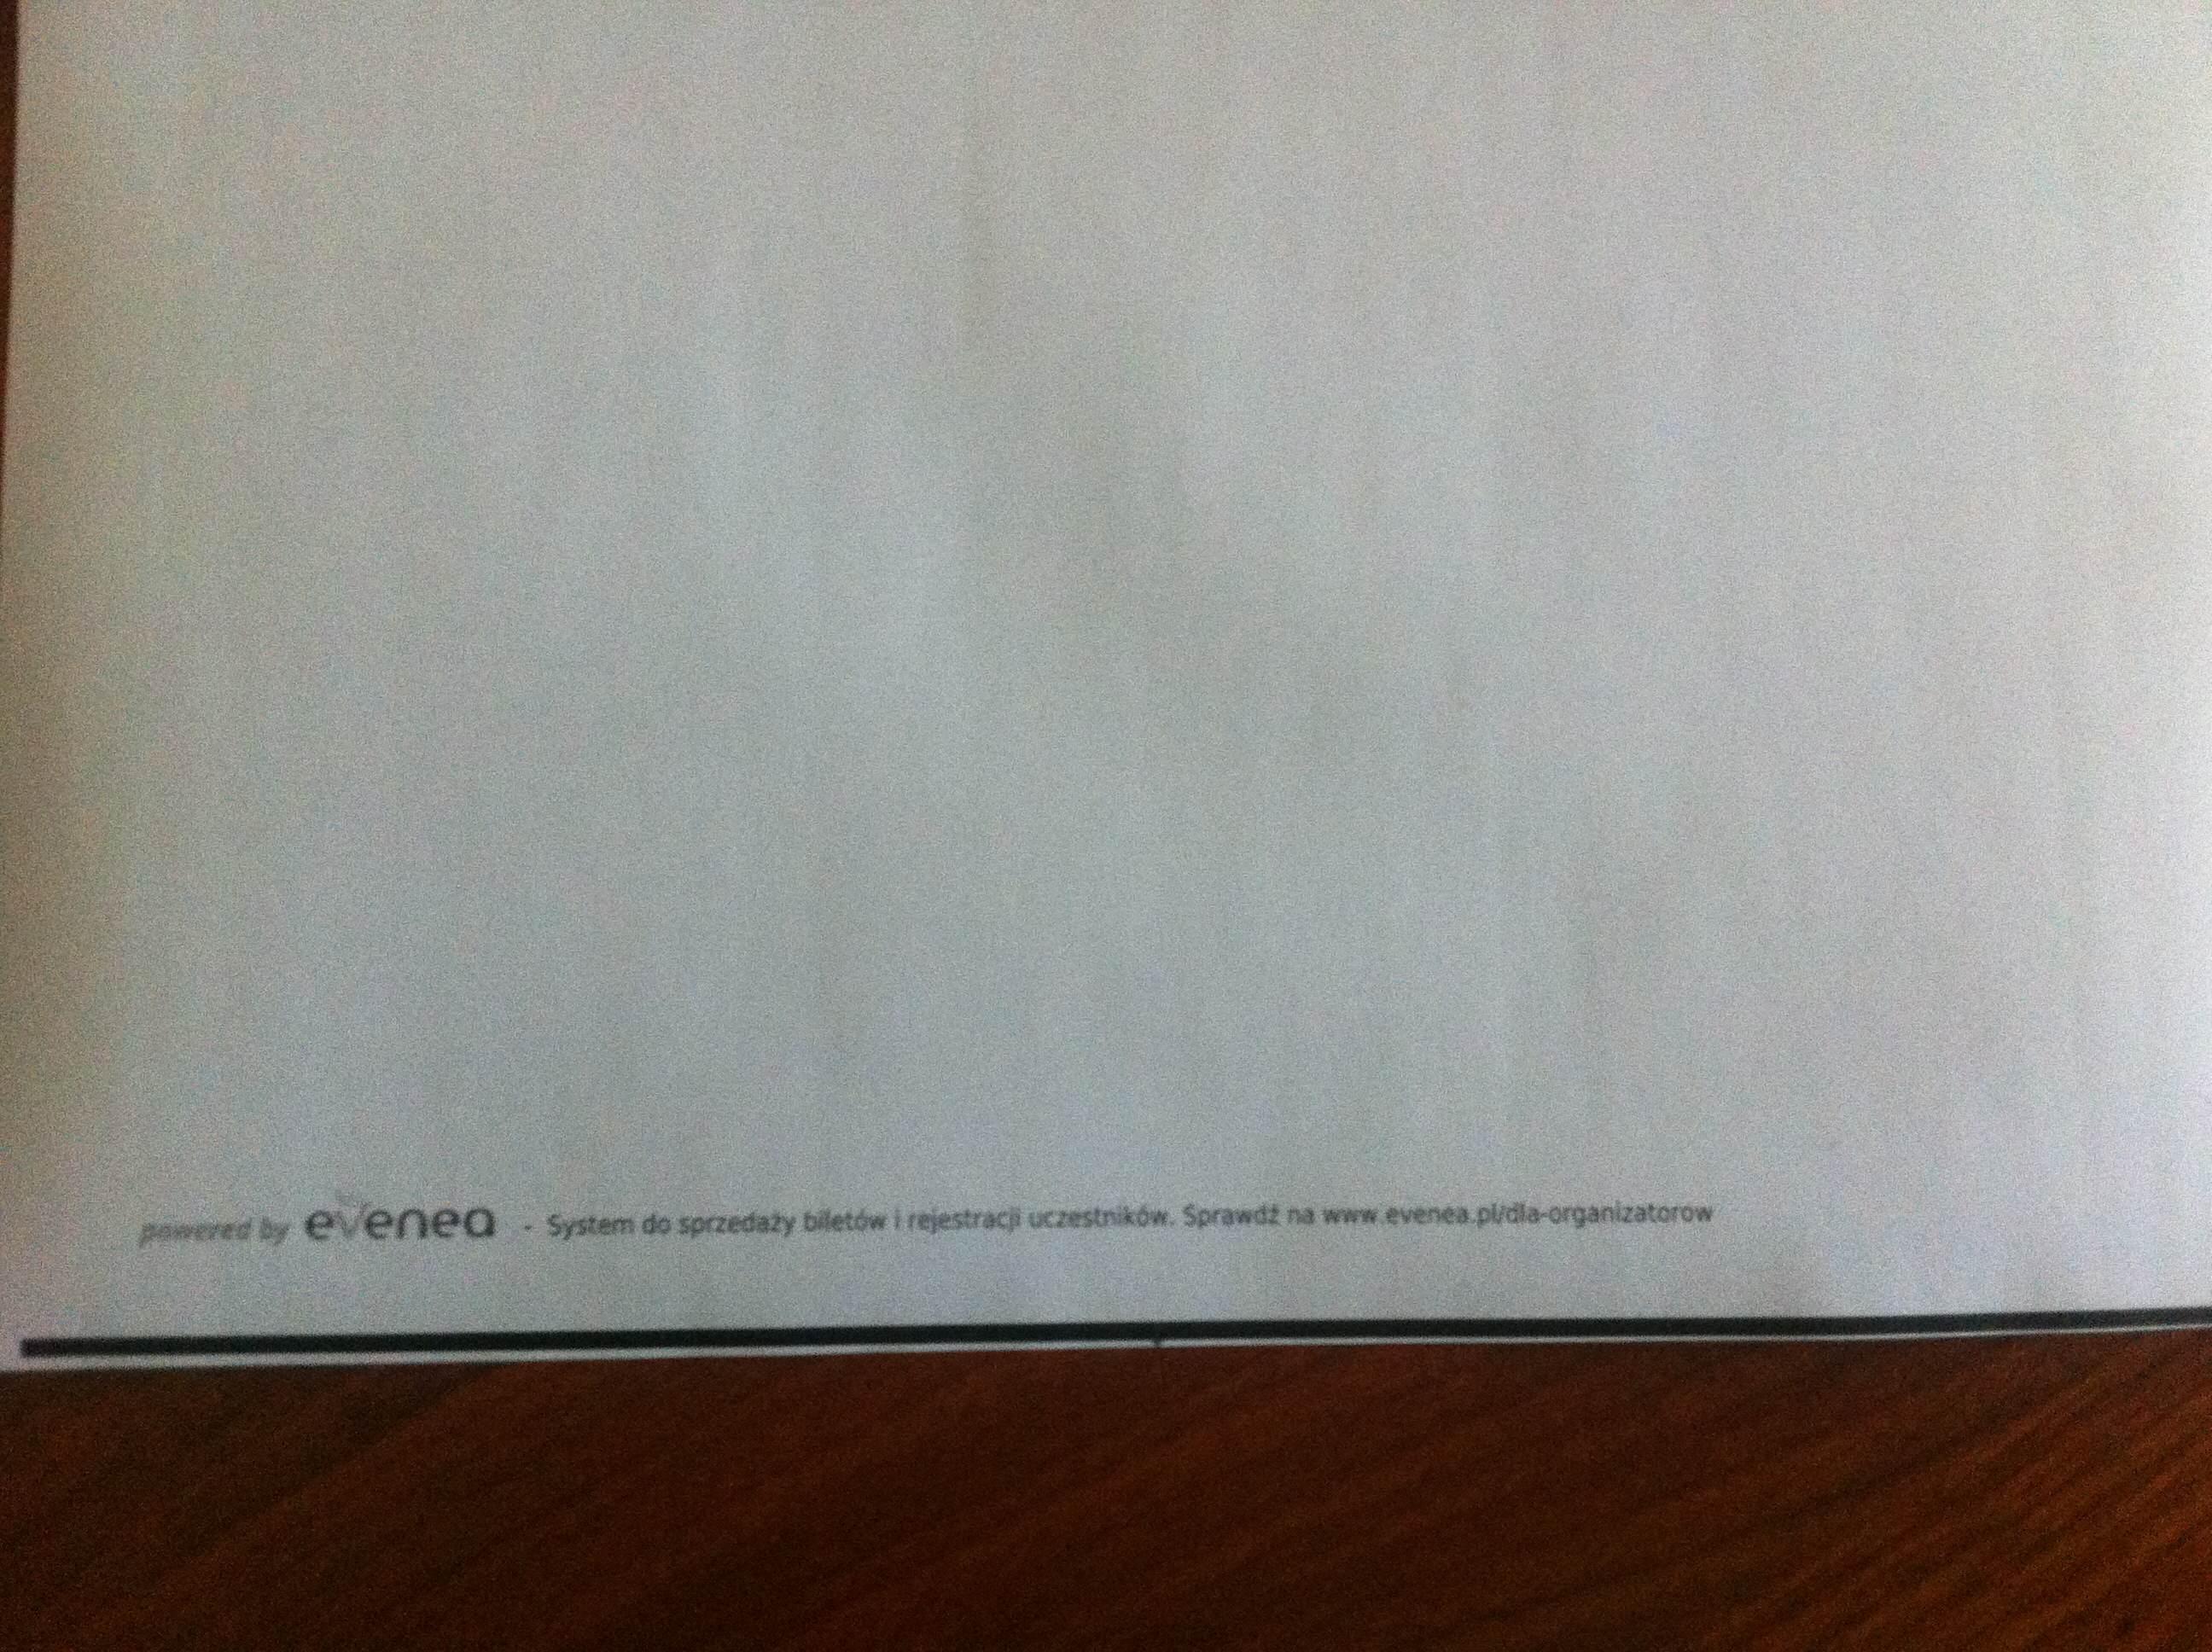 Samsung SCX-3405W - Czarny pasek przy drukowaniu